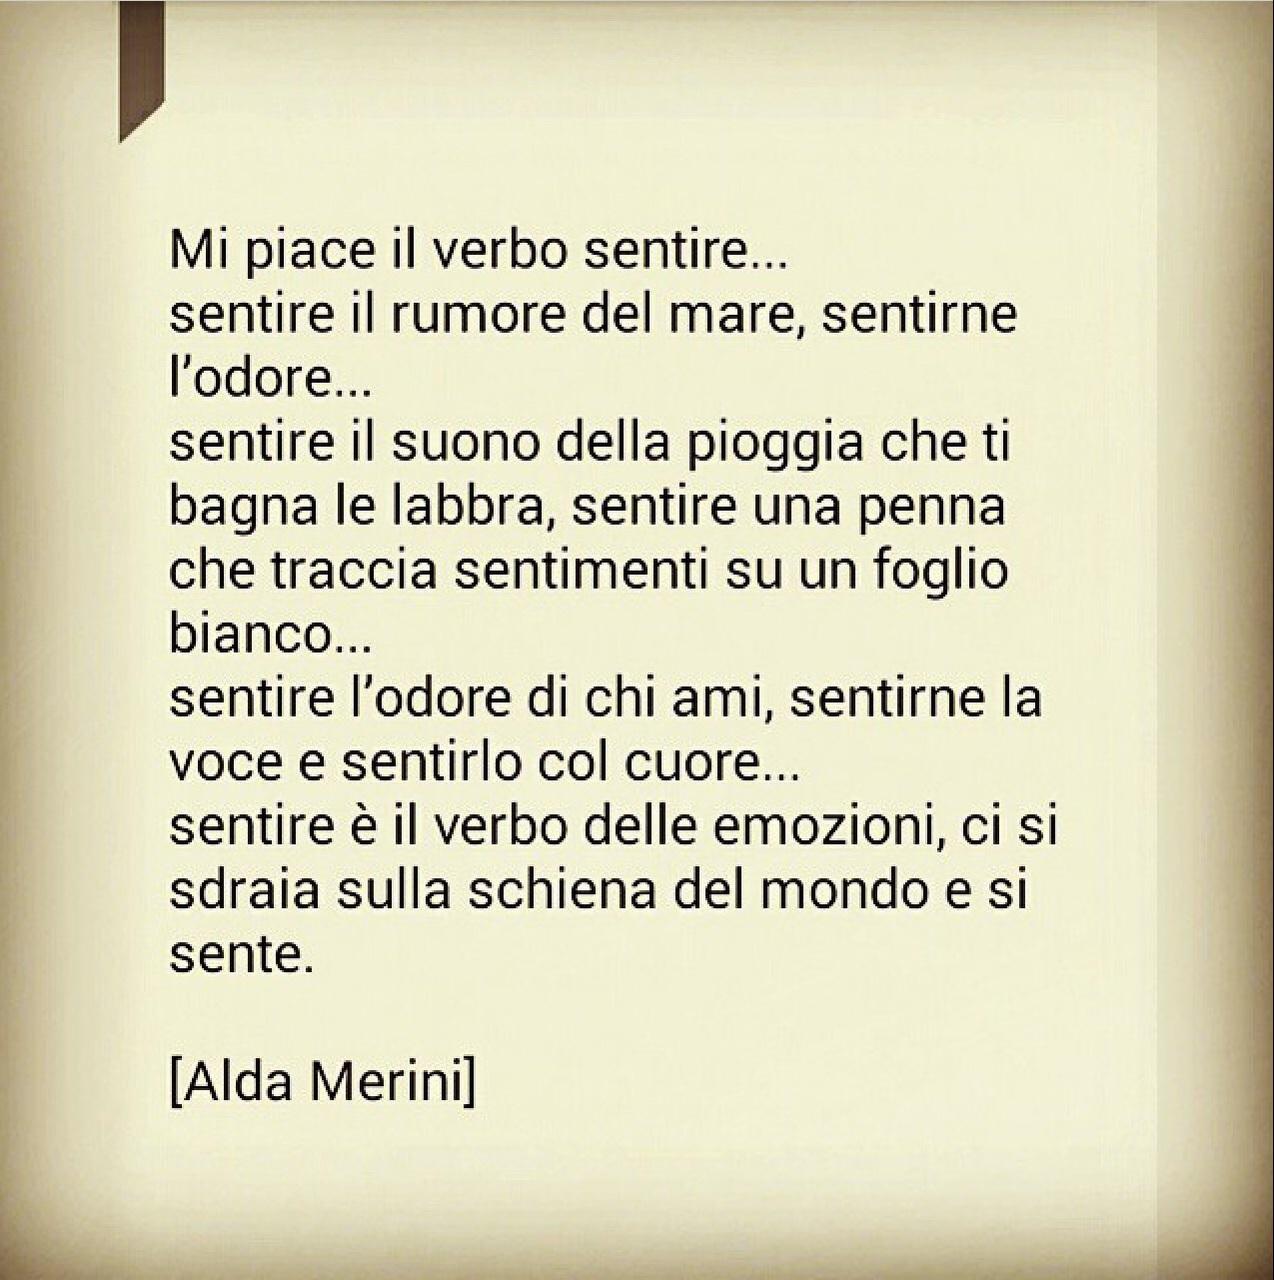 Image About Alda Merini In Frasi By A Sky Full Of Stars